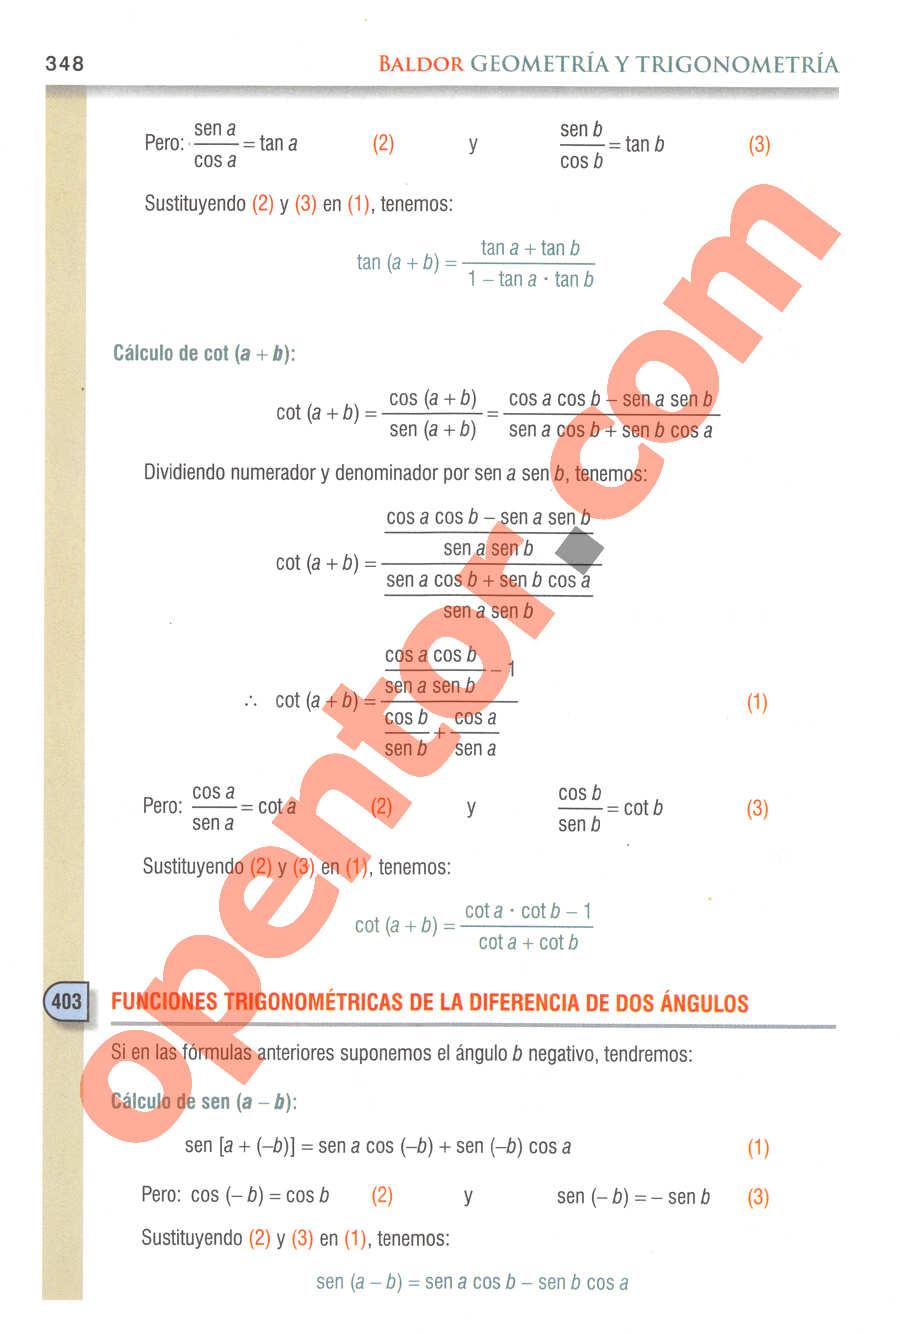 Geometría y Trigonometría de Baldor - Página 348